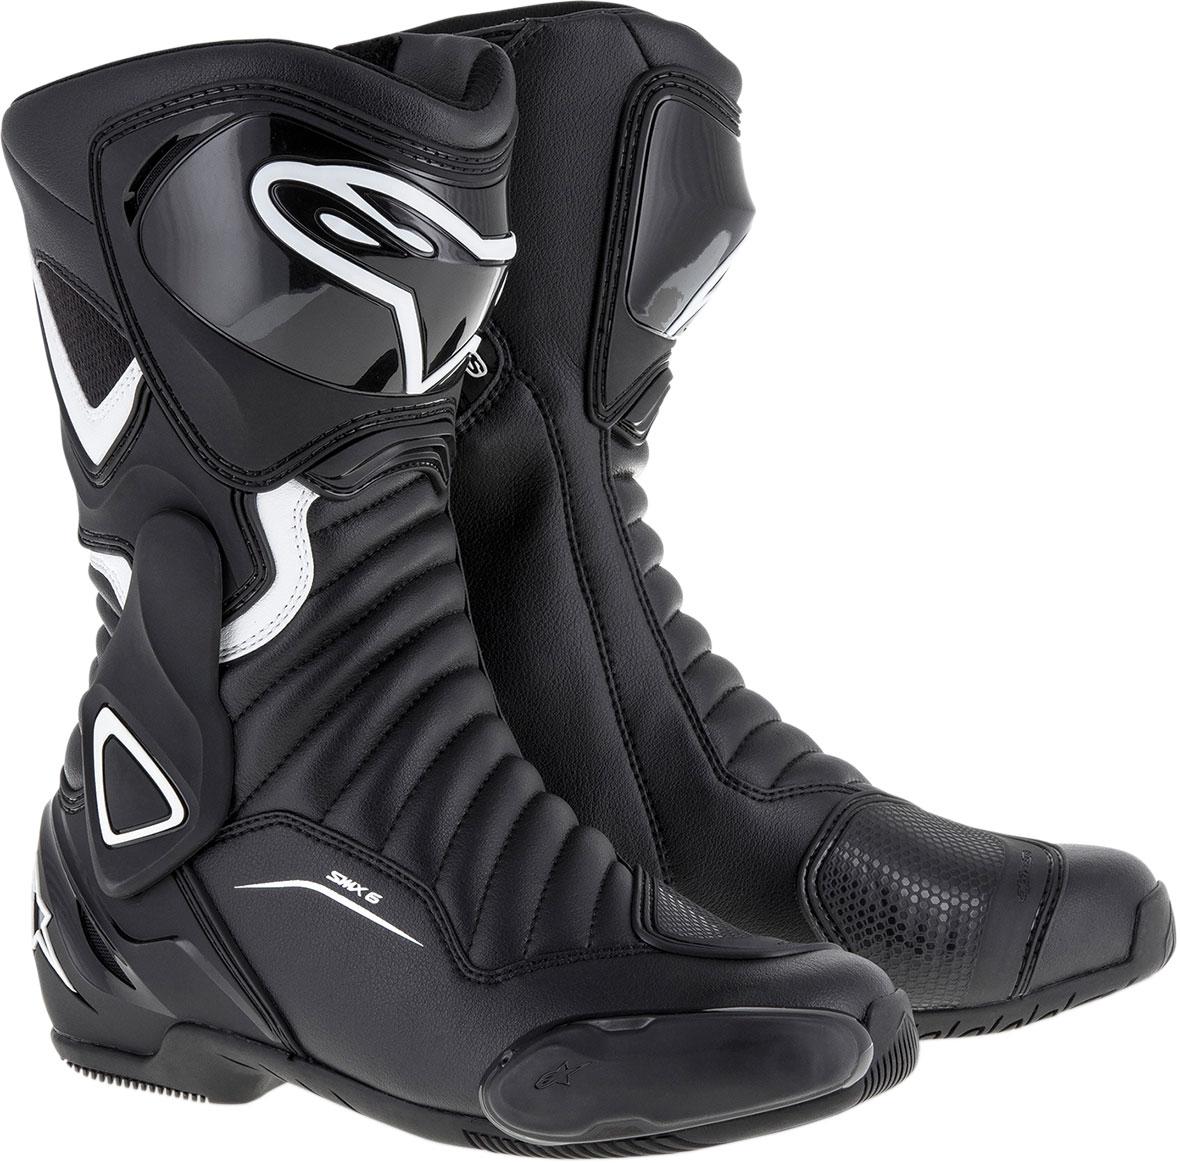 Alpinestars Stella SMX-6 V2 Road/Track Motorcycle Boots (Black/White)